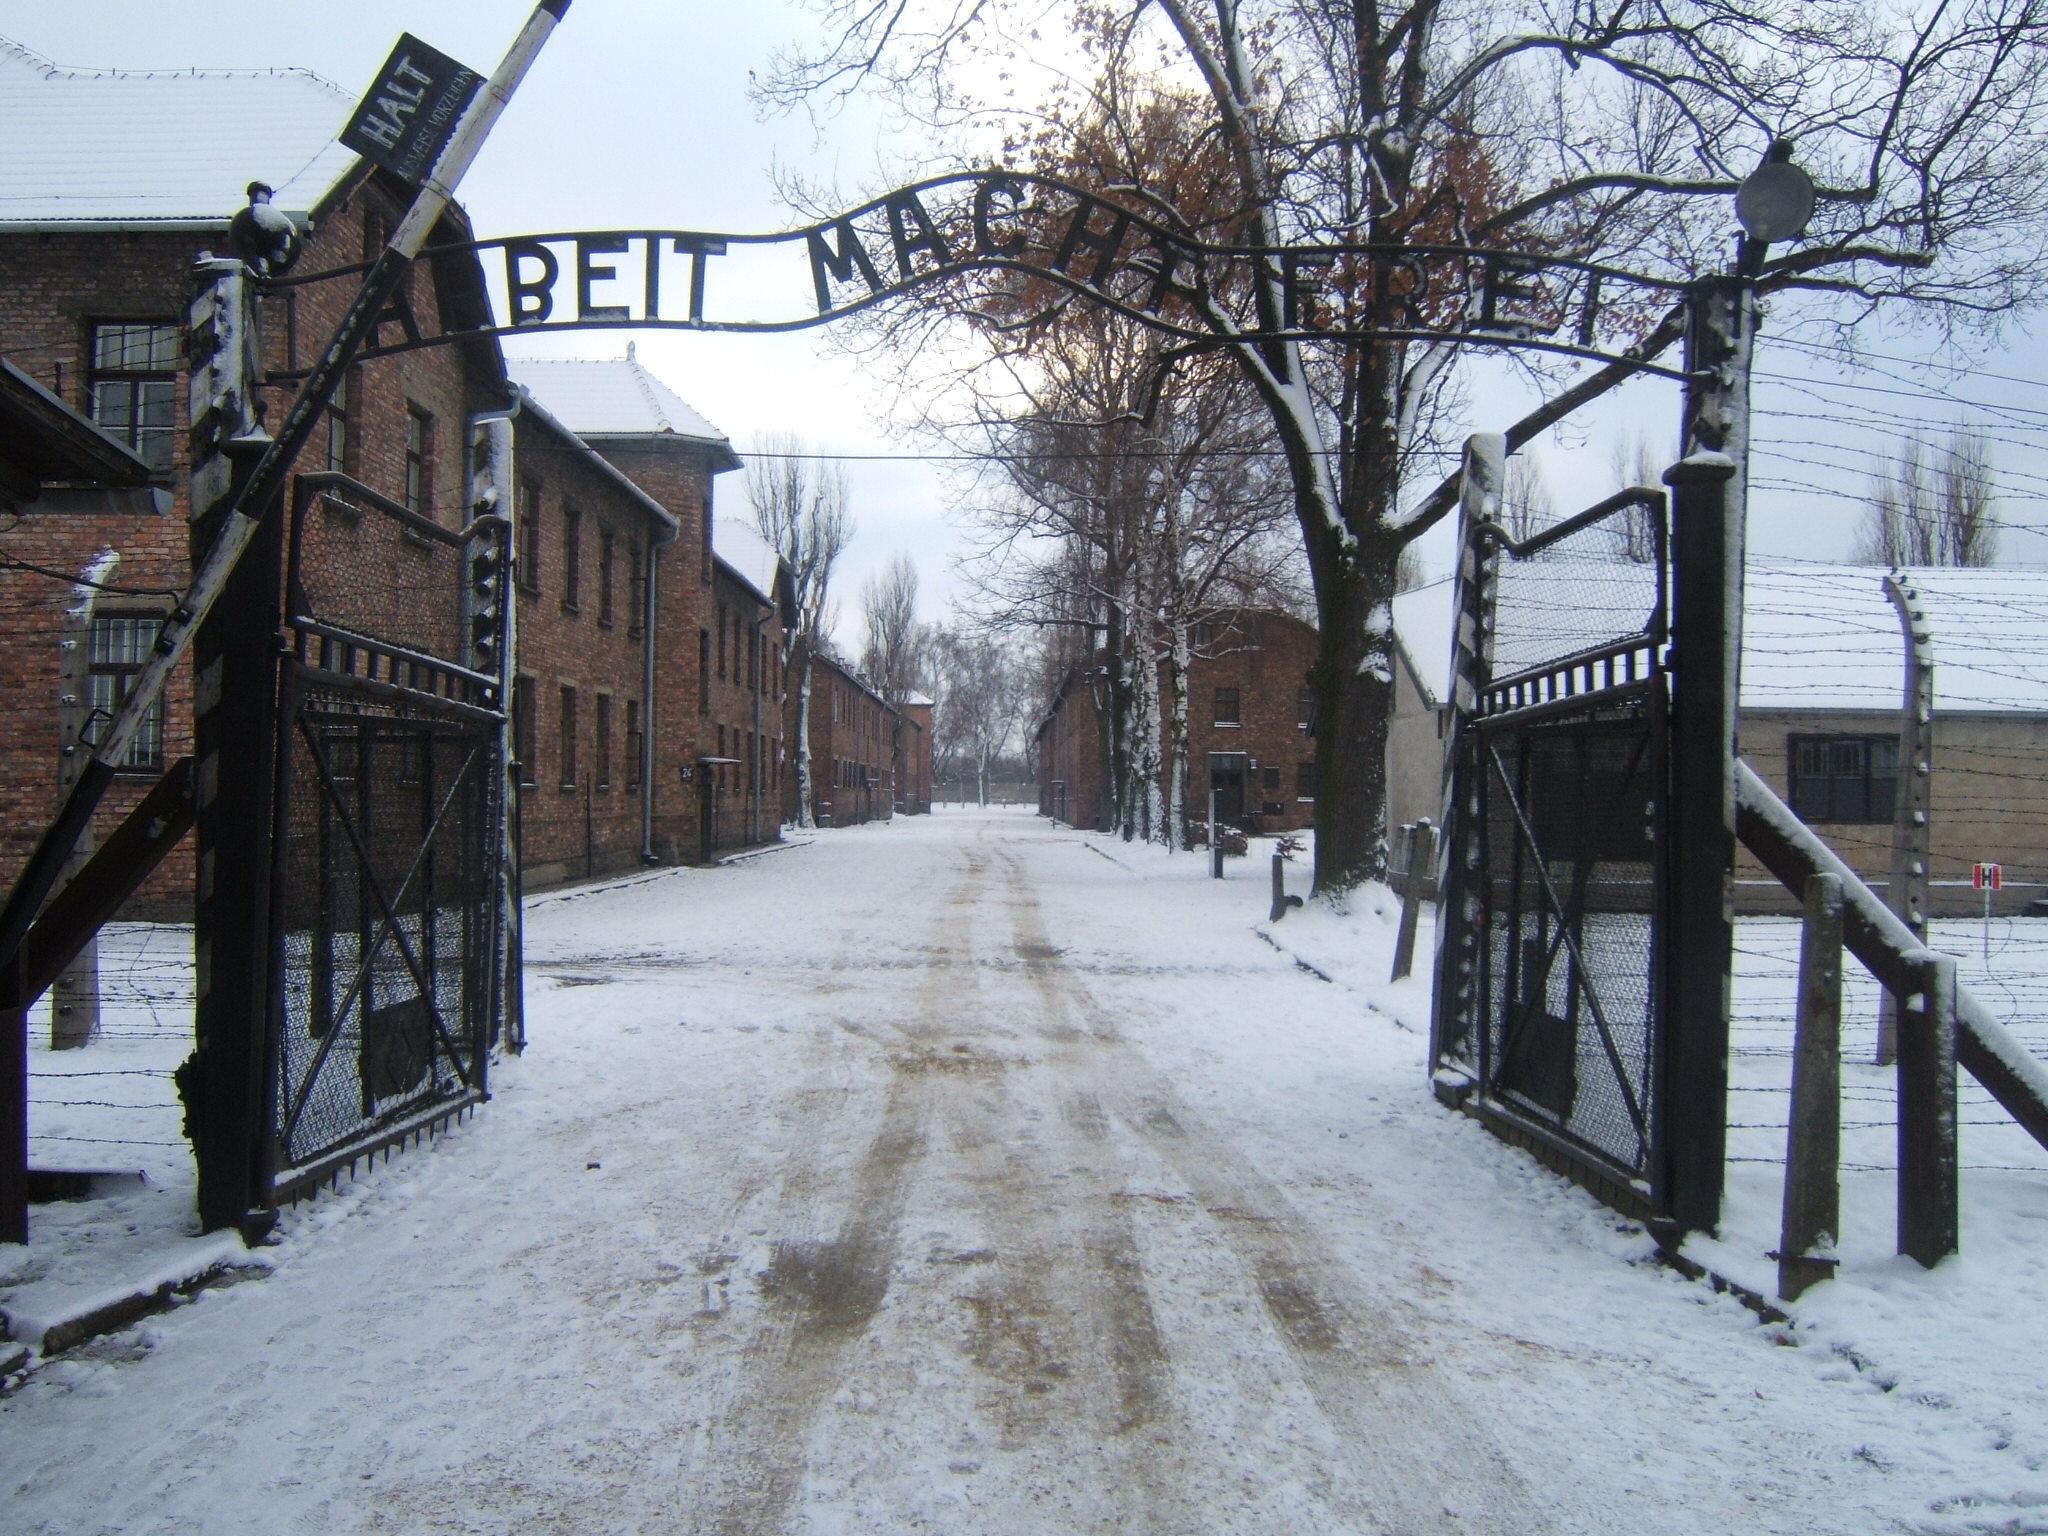 Beschreibung Auschwitz I entrance snow.jpg